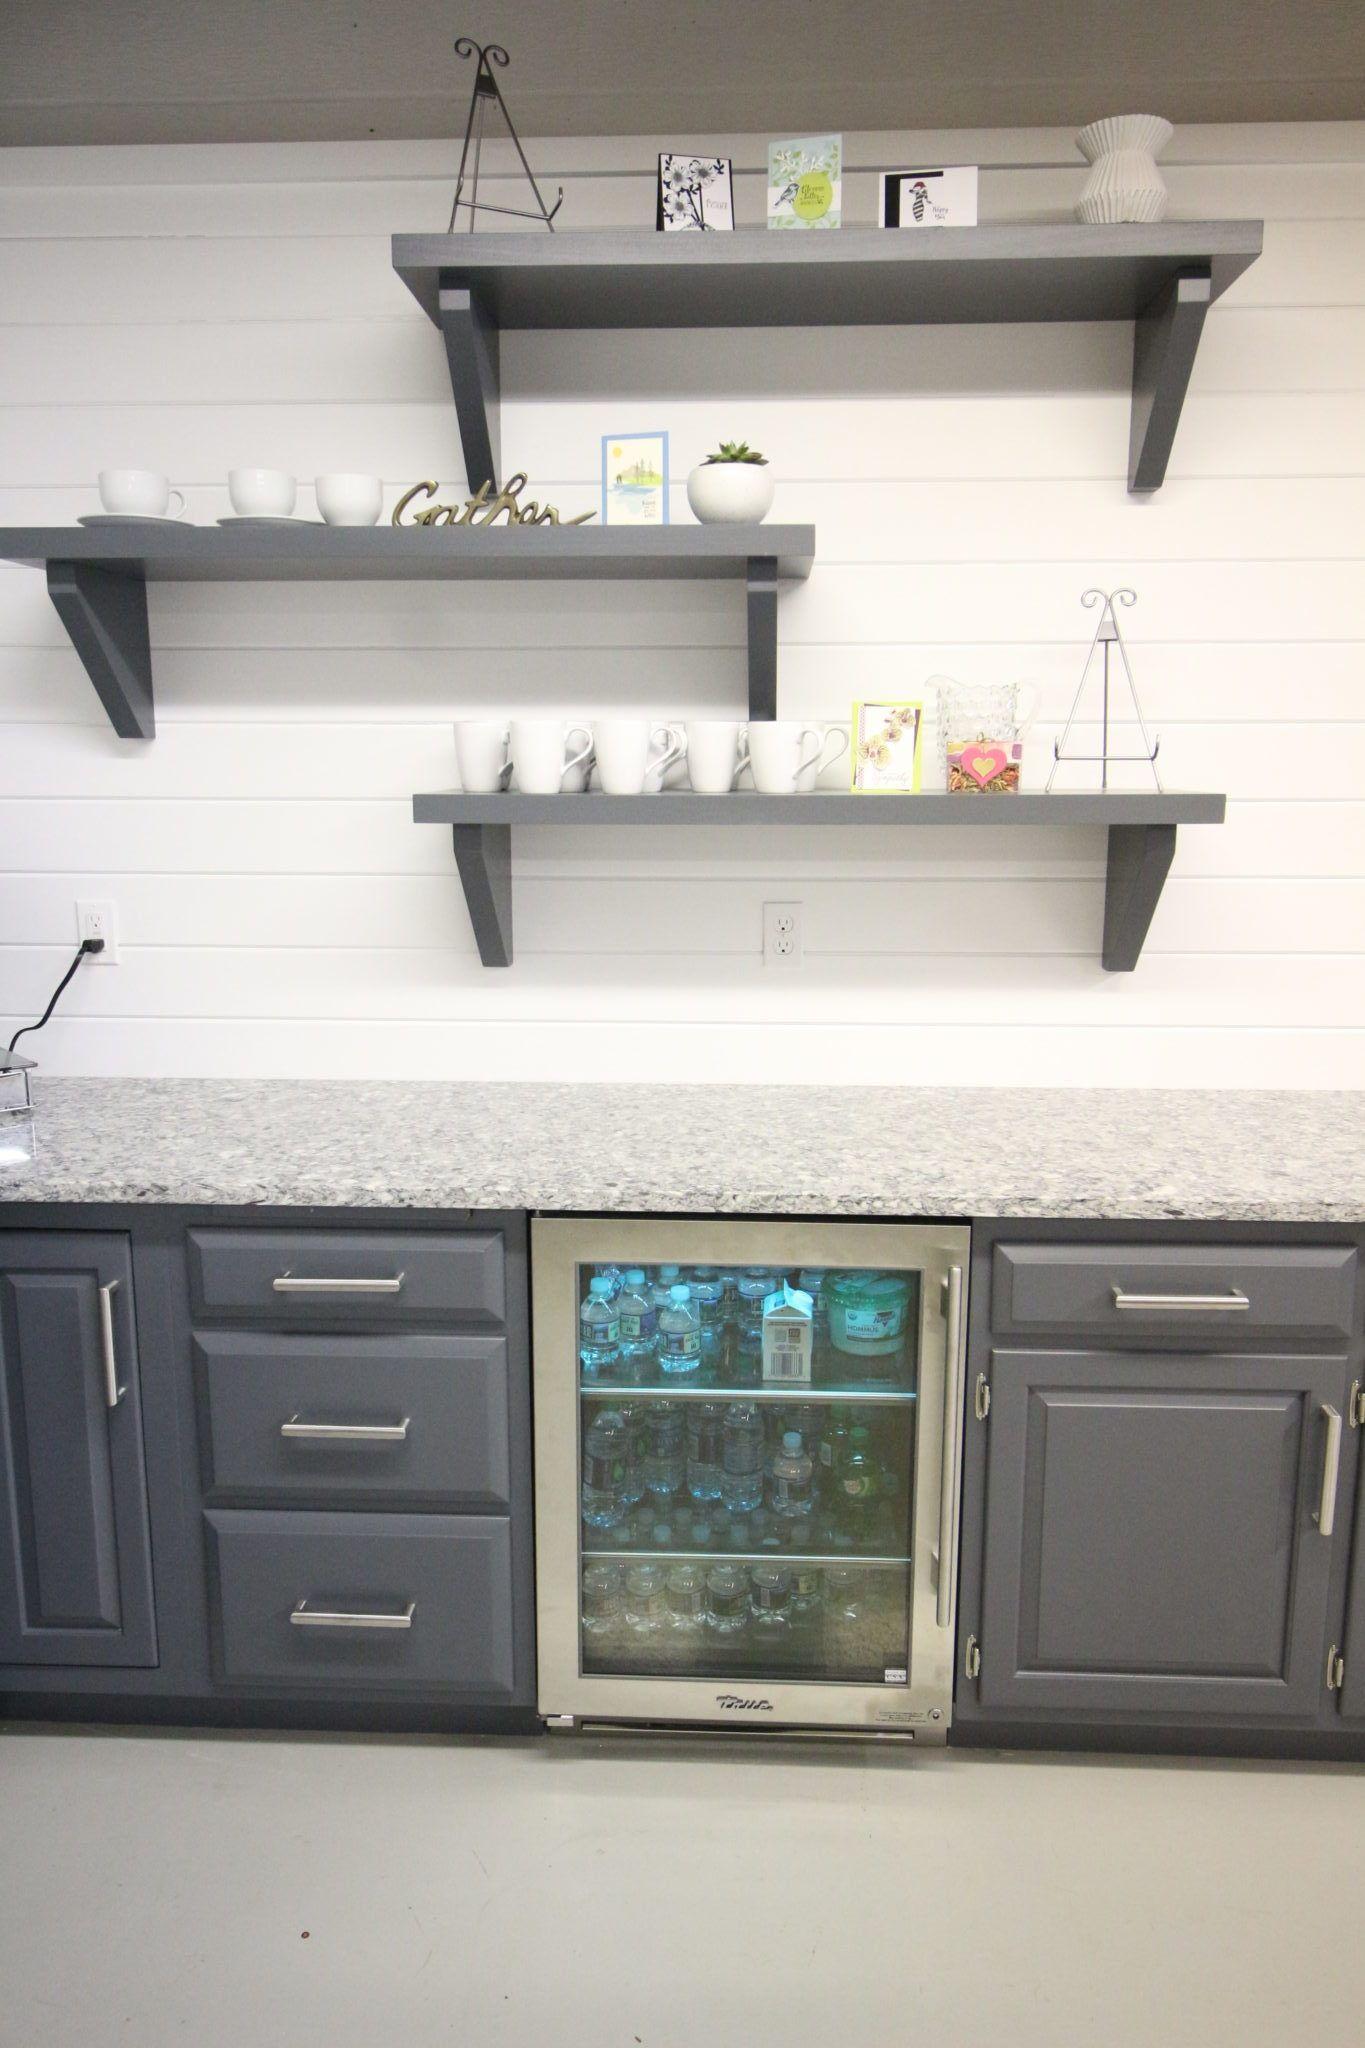 Https I2 Wp Com Tkbuilddesign Com Wp Content Uploads 2018 03 Img 4816 E1520264584901 Jpg Fit 13 In 2020 Basement Kitchen Kitchen Design Small Christmas Kitchen Decor